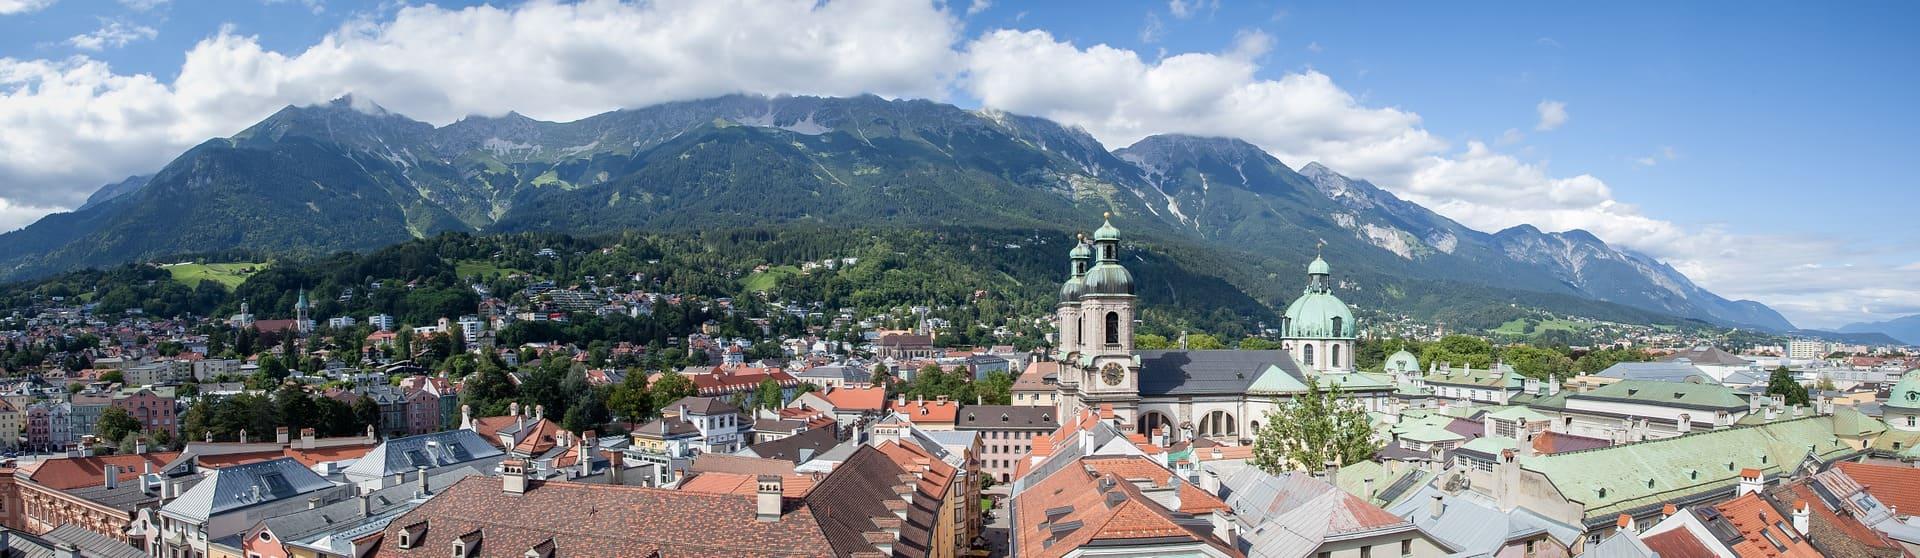 Innsbruck tetti